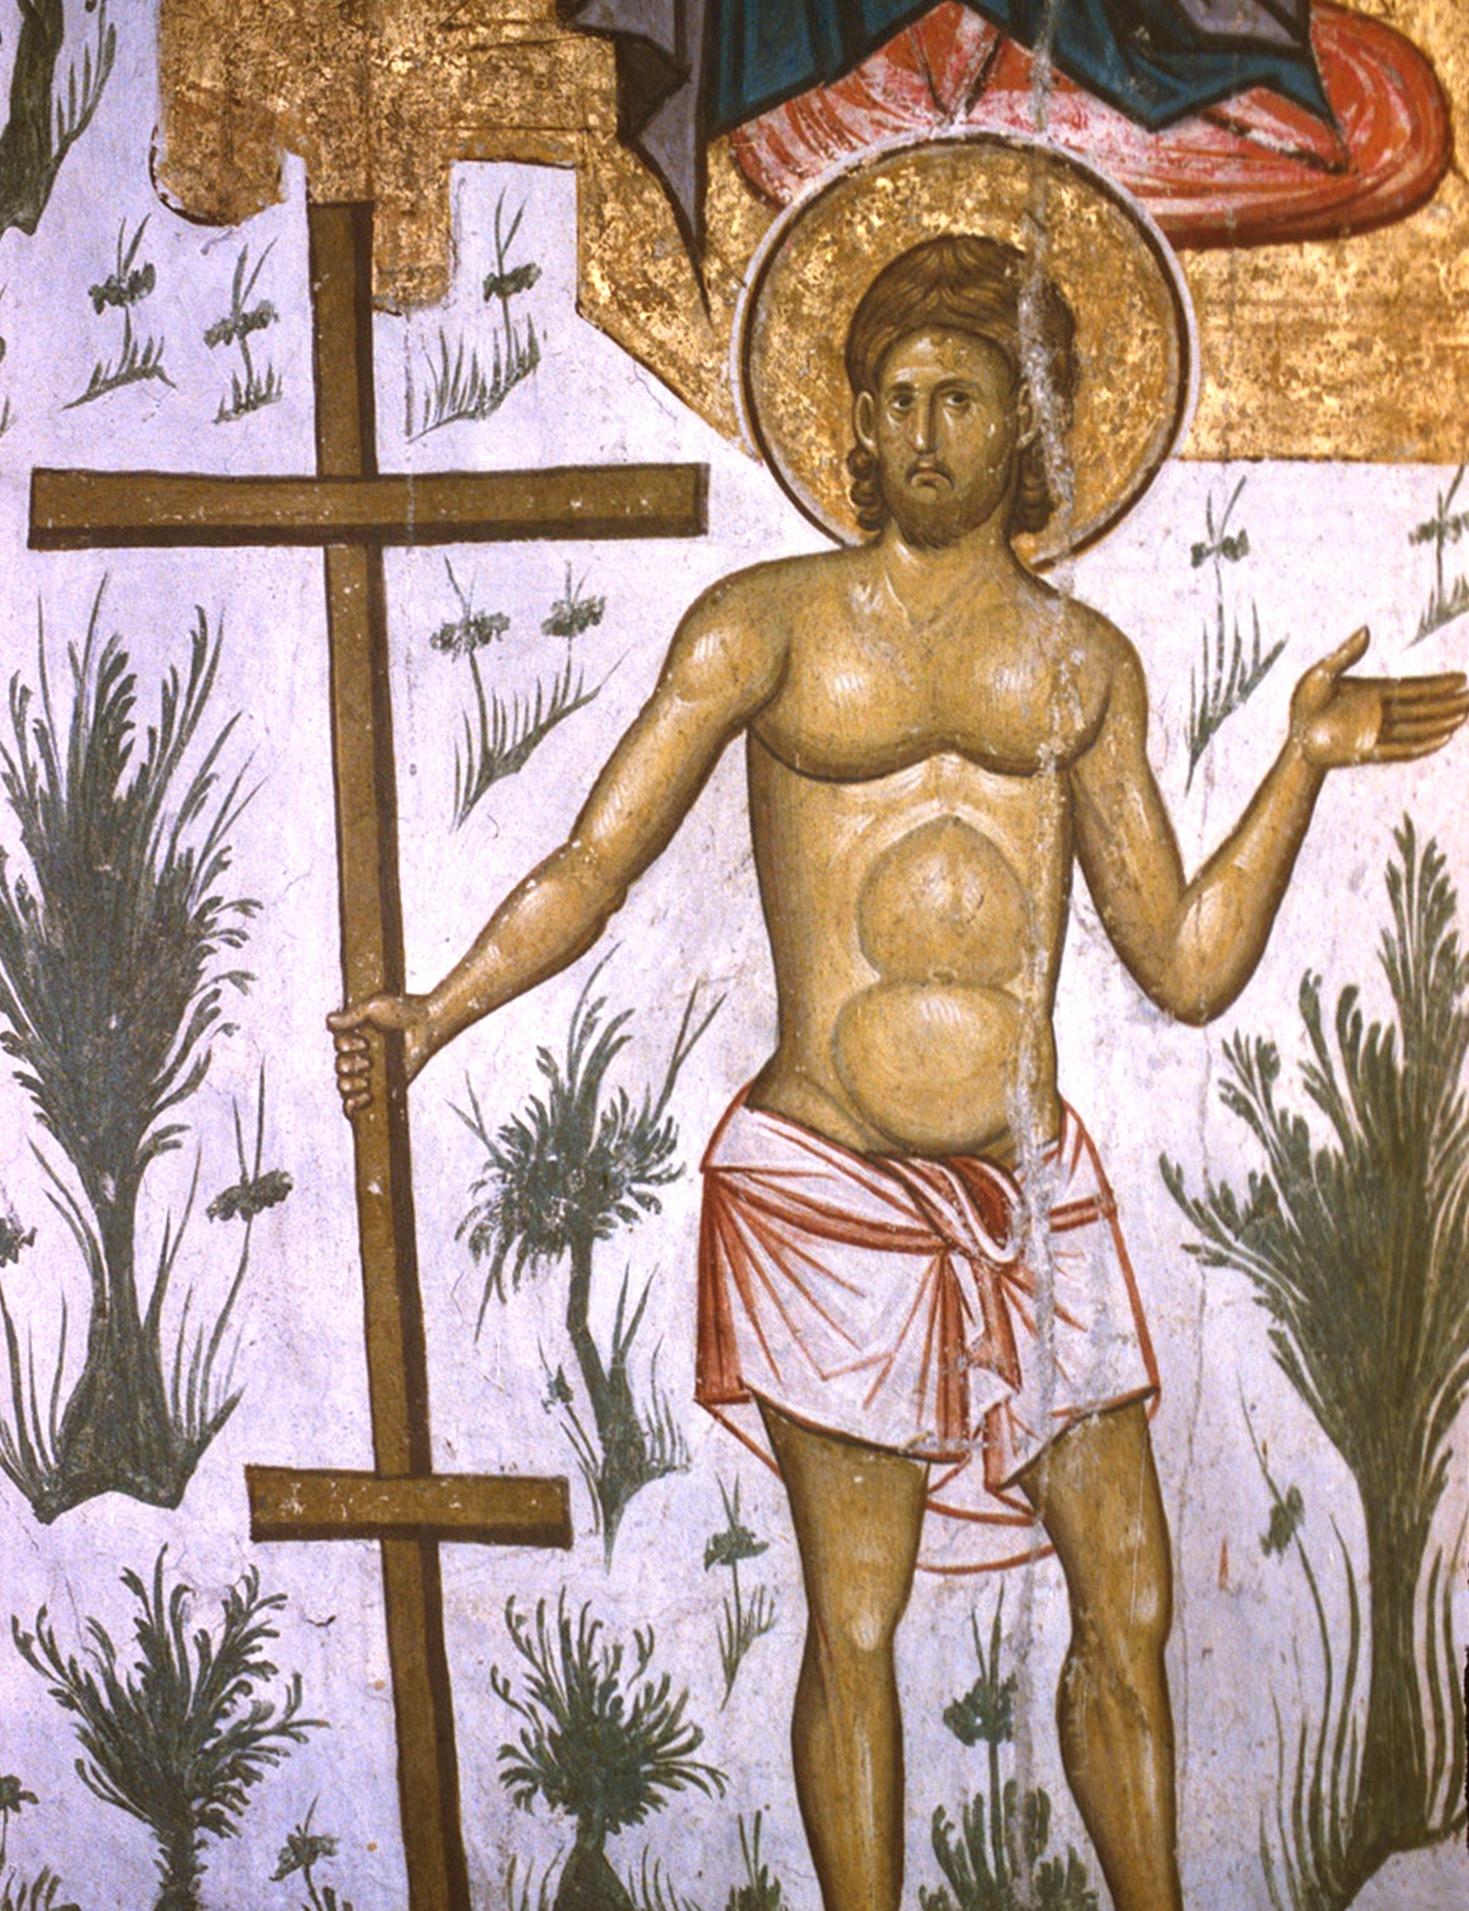 Благоразумный разбойник. Фреска монастыря Высокие Дечаны, Косово, Сербия. Около 1350 года.